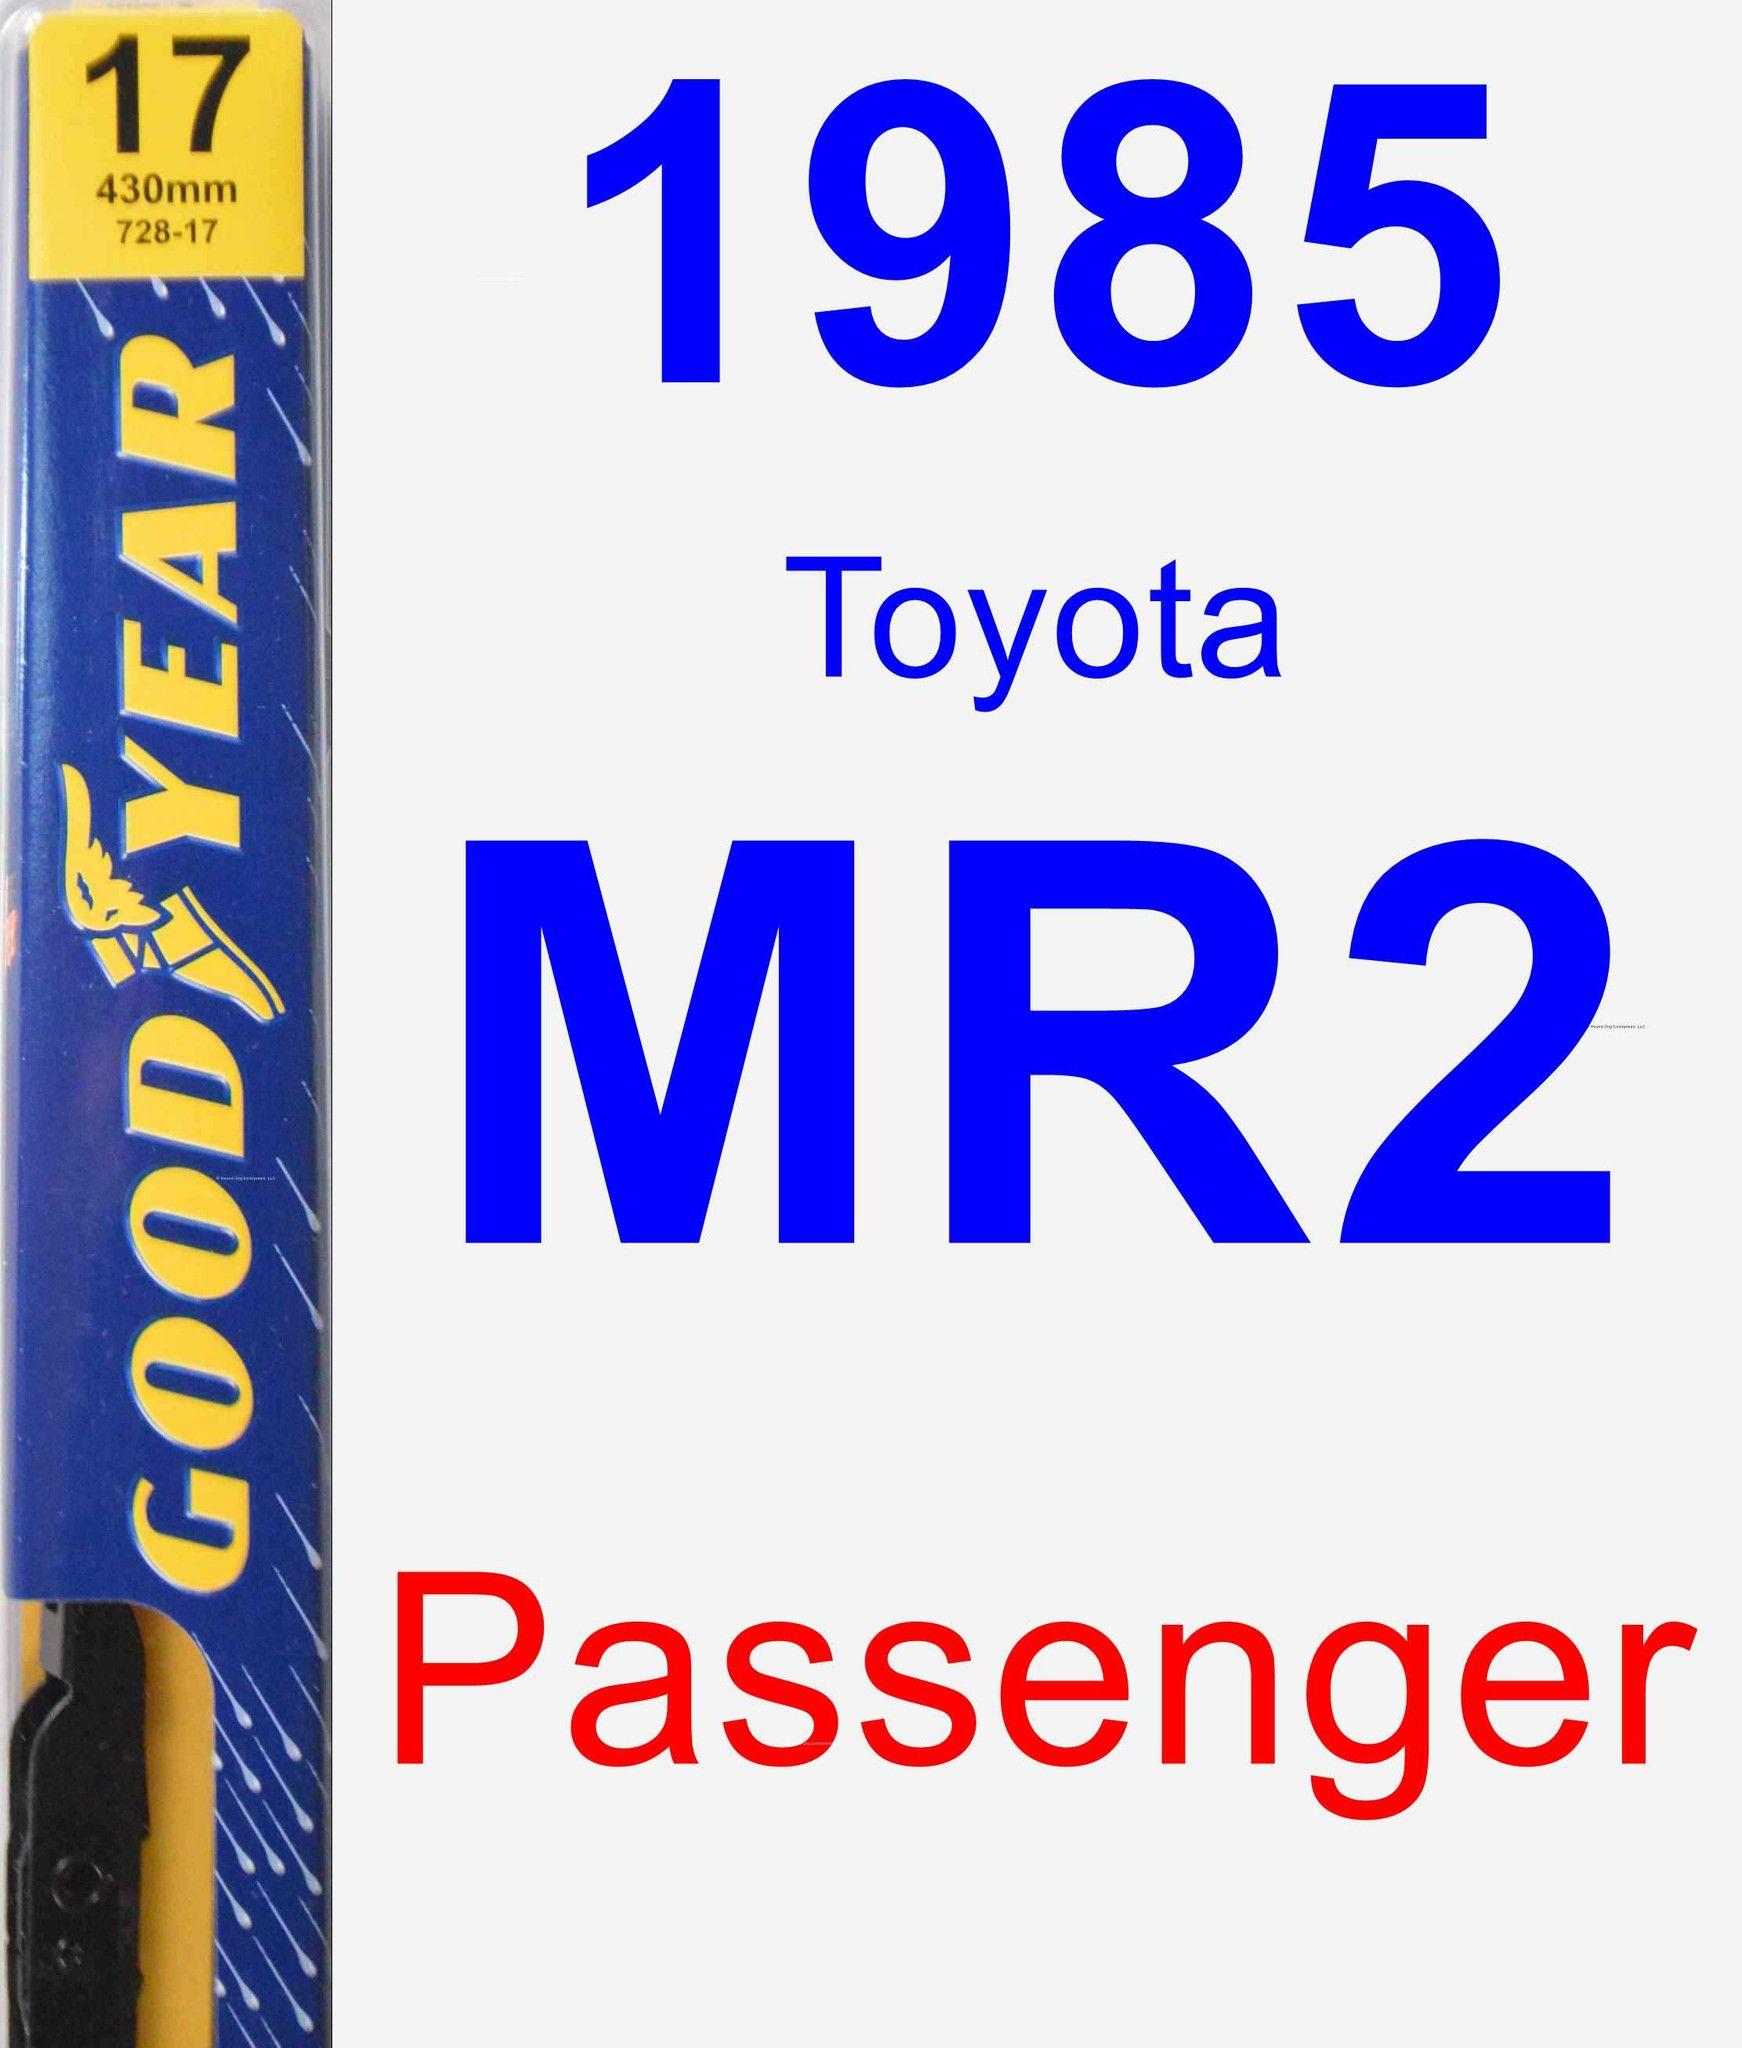 Passenger Wiper Blade For 1985 Toyota MR2